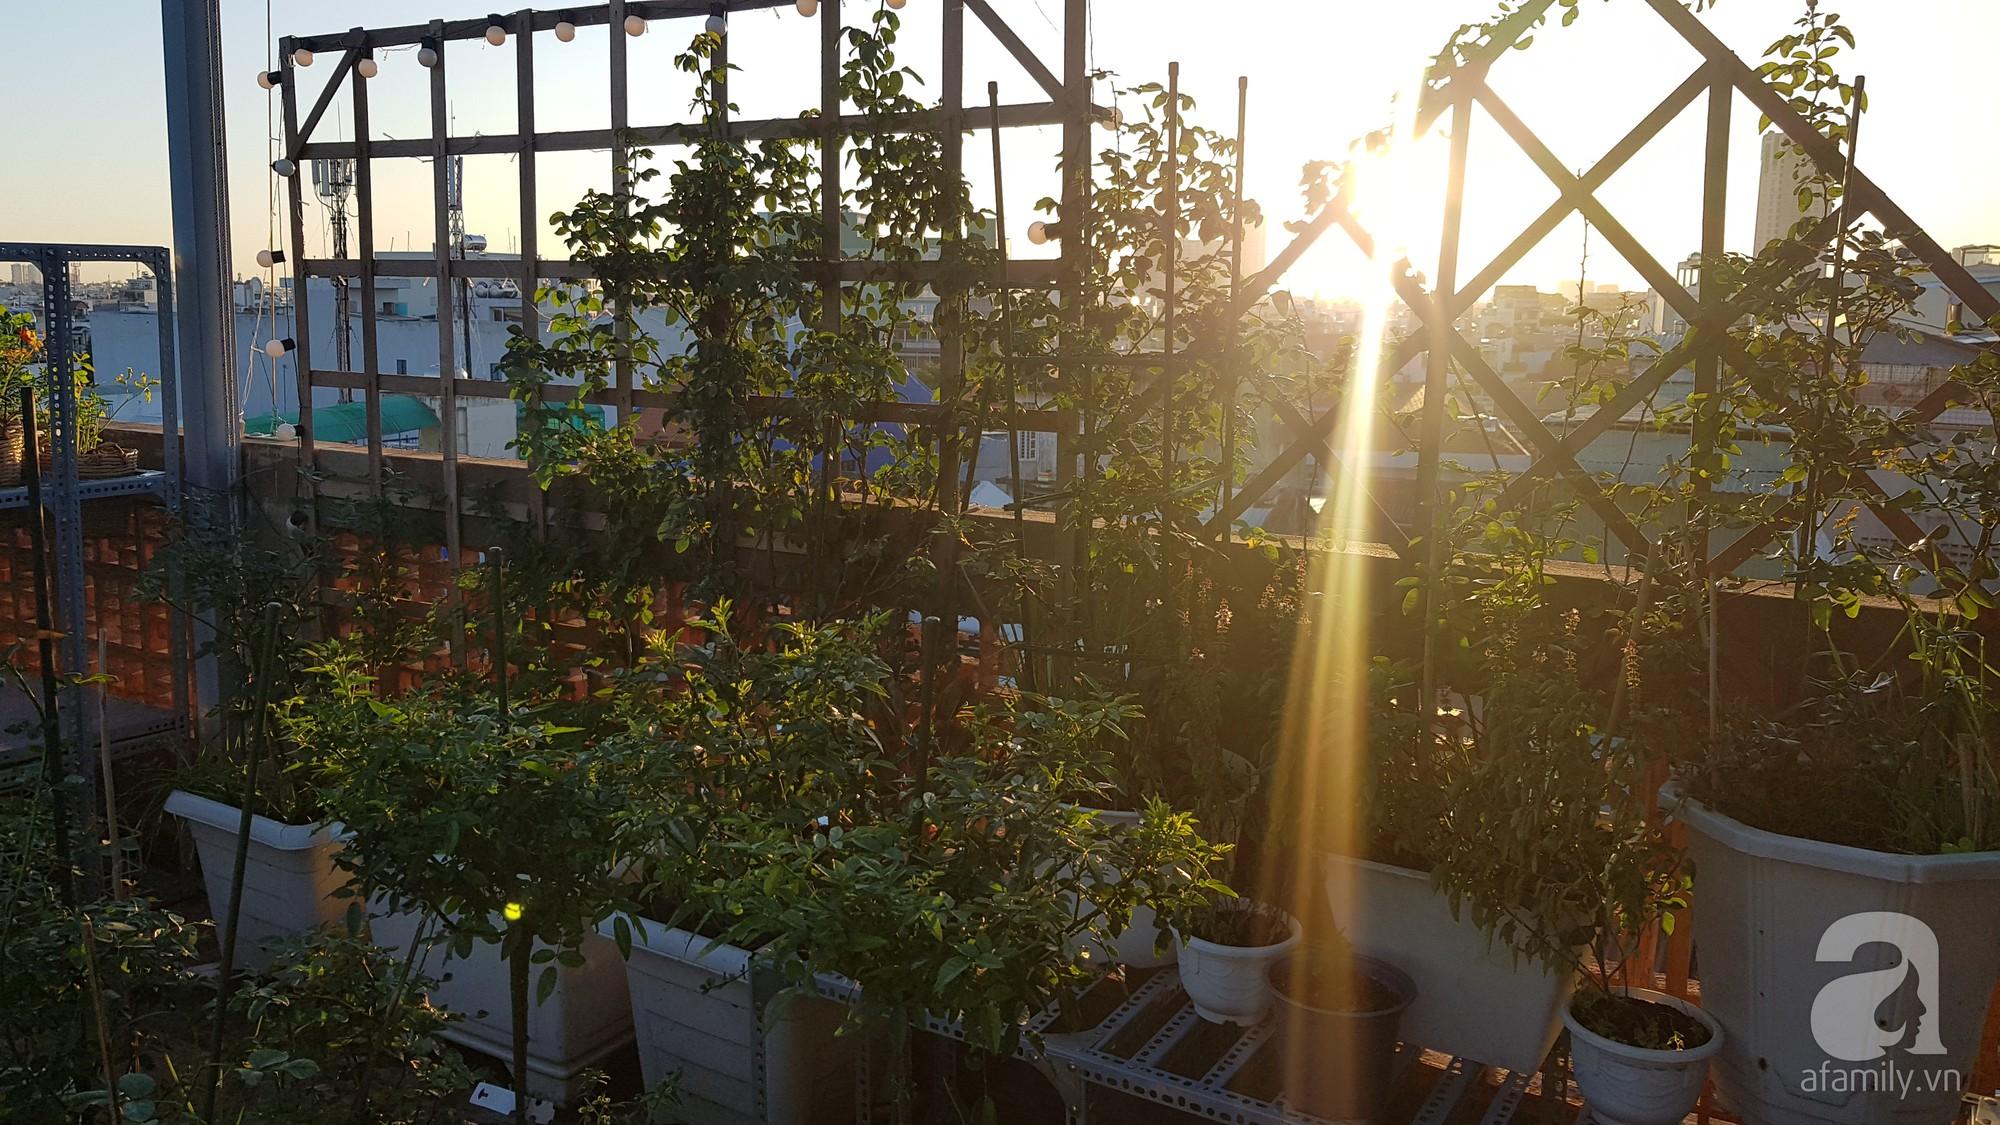 Vườn hồng trên sân thượng rực rỡ sắc màu của chàng trai 8x siêu đảm ở Sài Gòn - Ảnh 3.